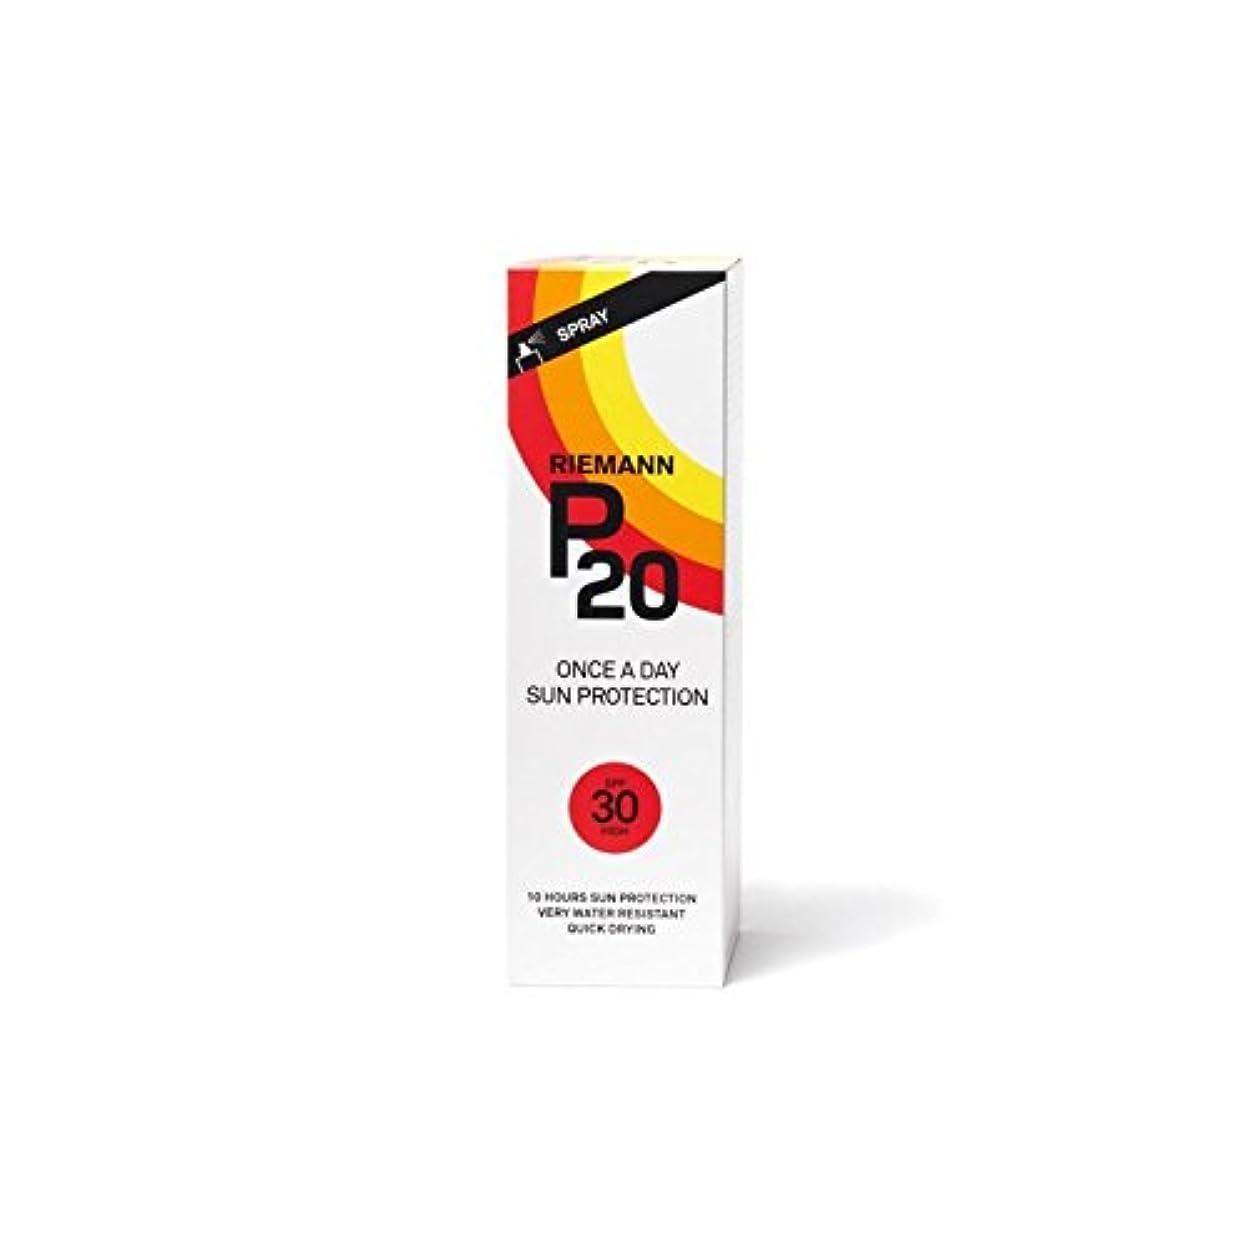 アーサーコナンドイル葉を集めるアトラスリーマン20のサンフィルター100ミリリットル30 x4 - Riemann P20 Sun Filter 100ml SPF30 (Pack of 4) [並行輸入品]